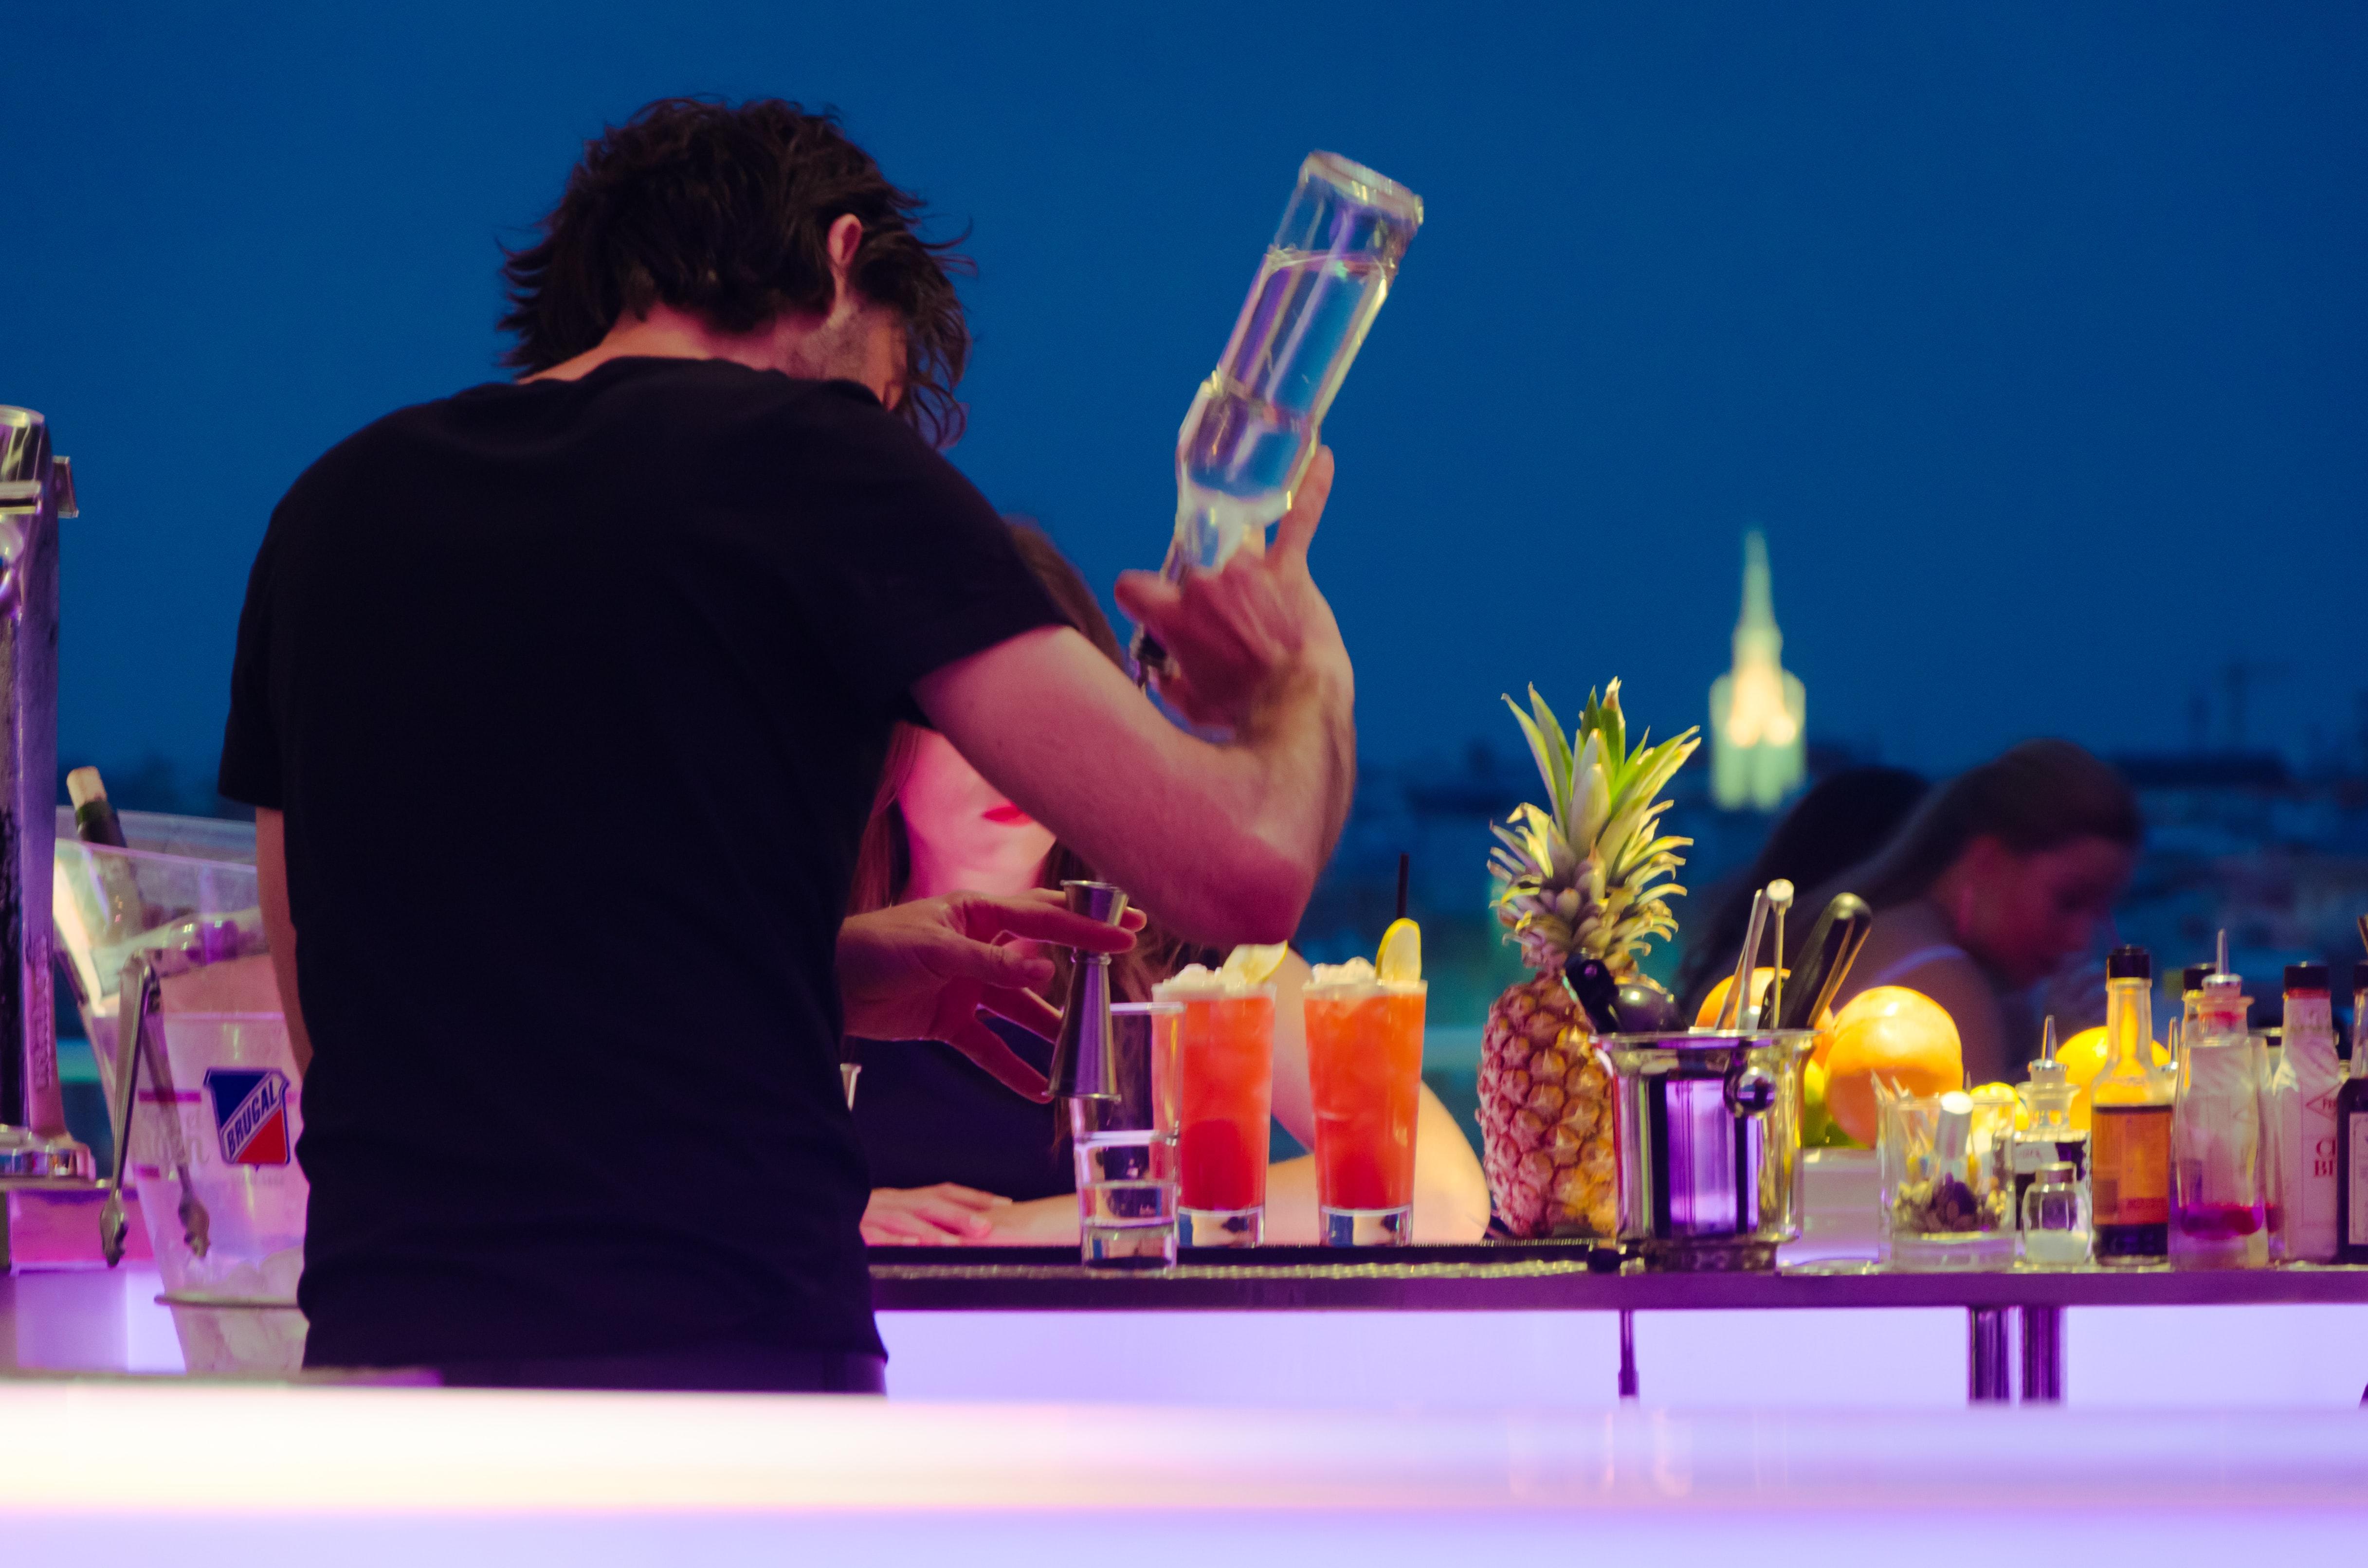 Jacksonville's Top 9 Rooftop Bars